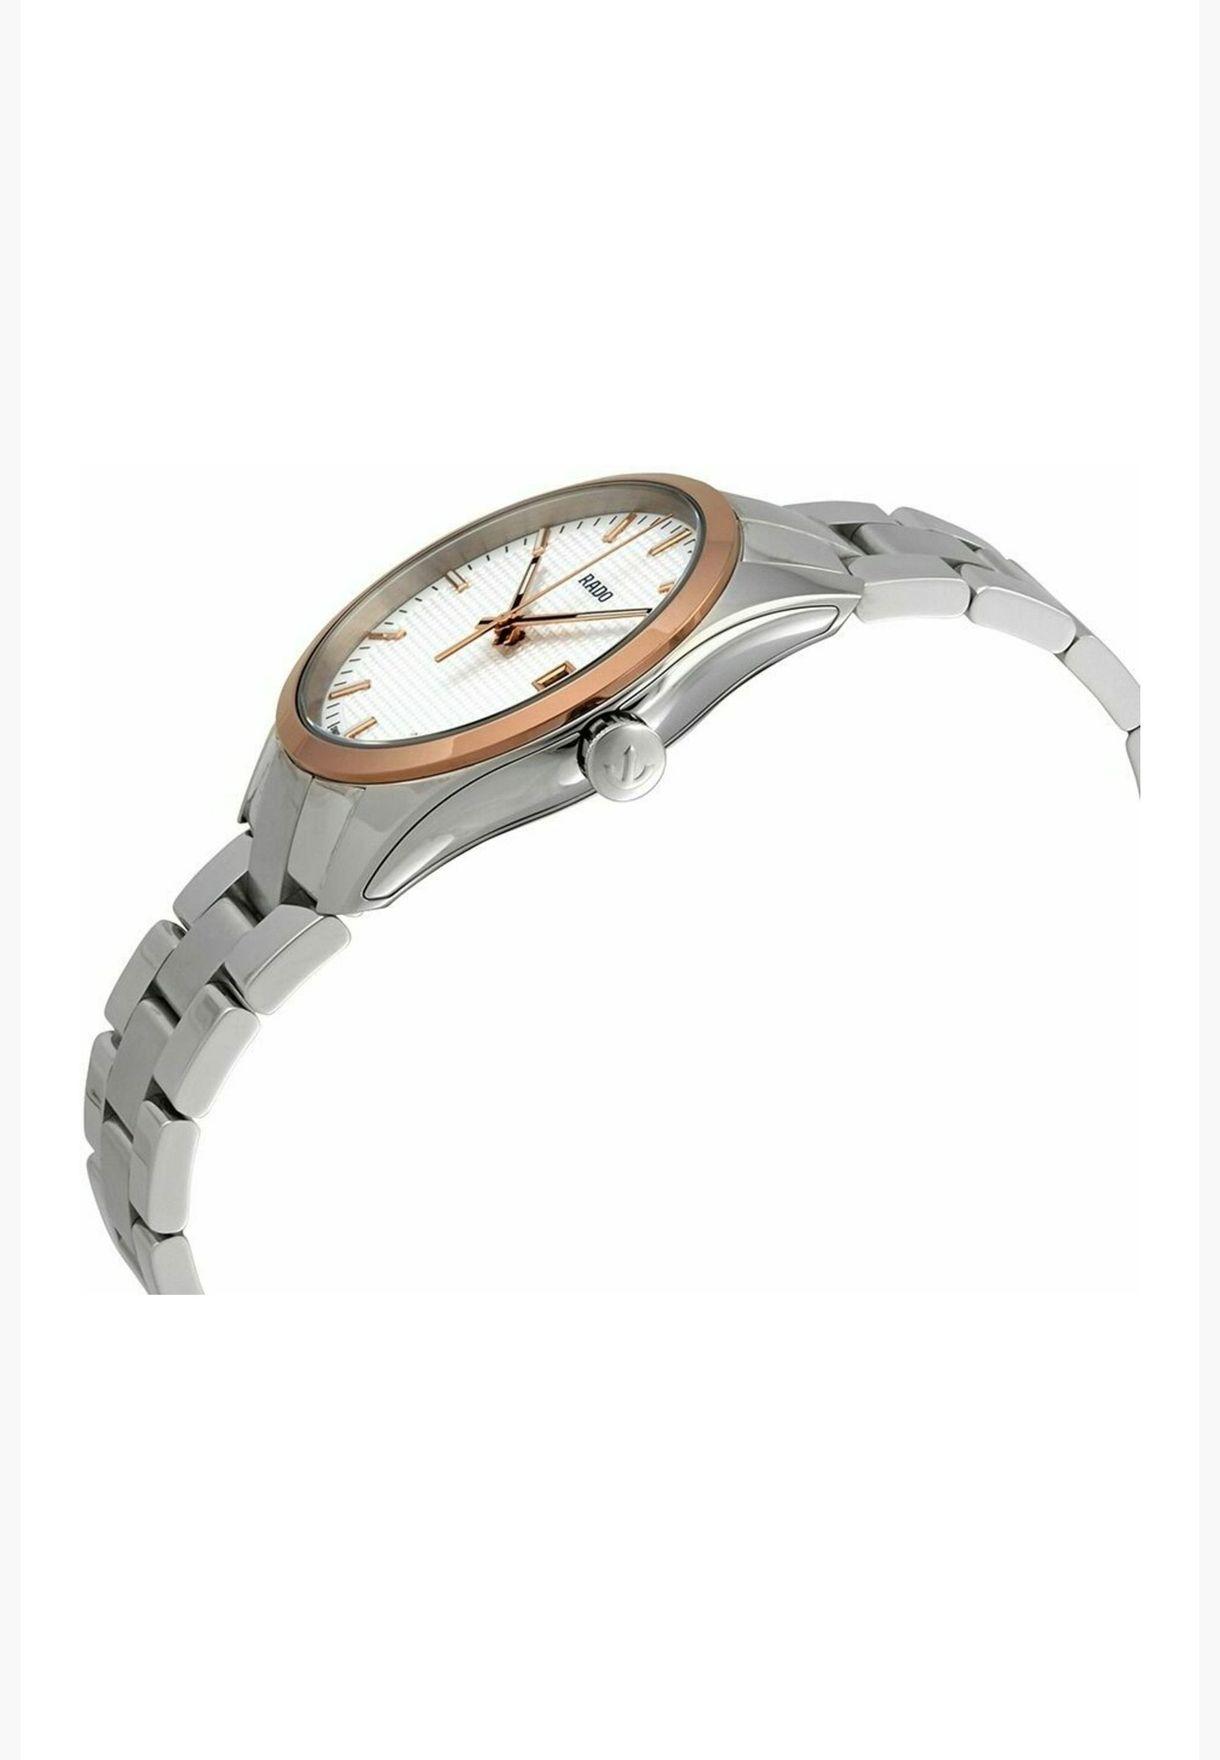 ساعة رادو هايبركروم للرجال - R32184123